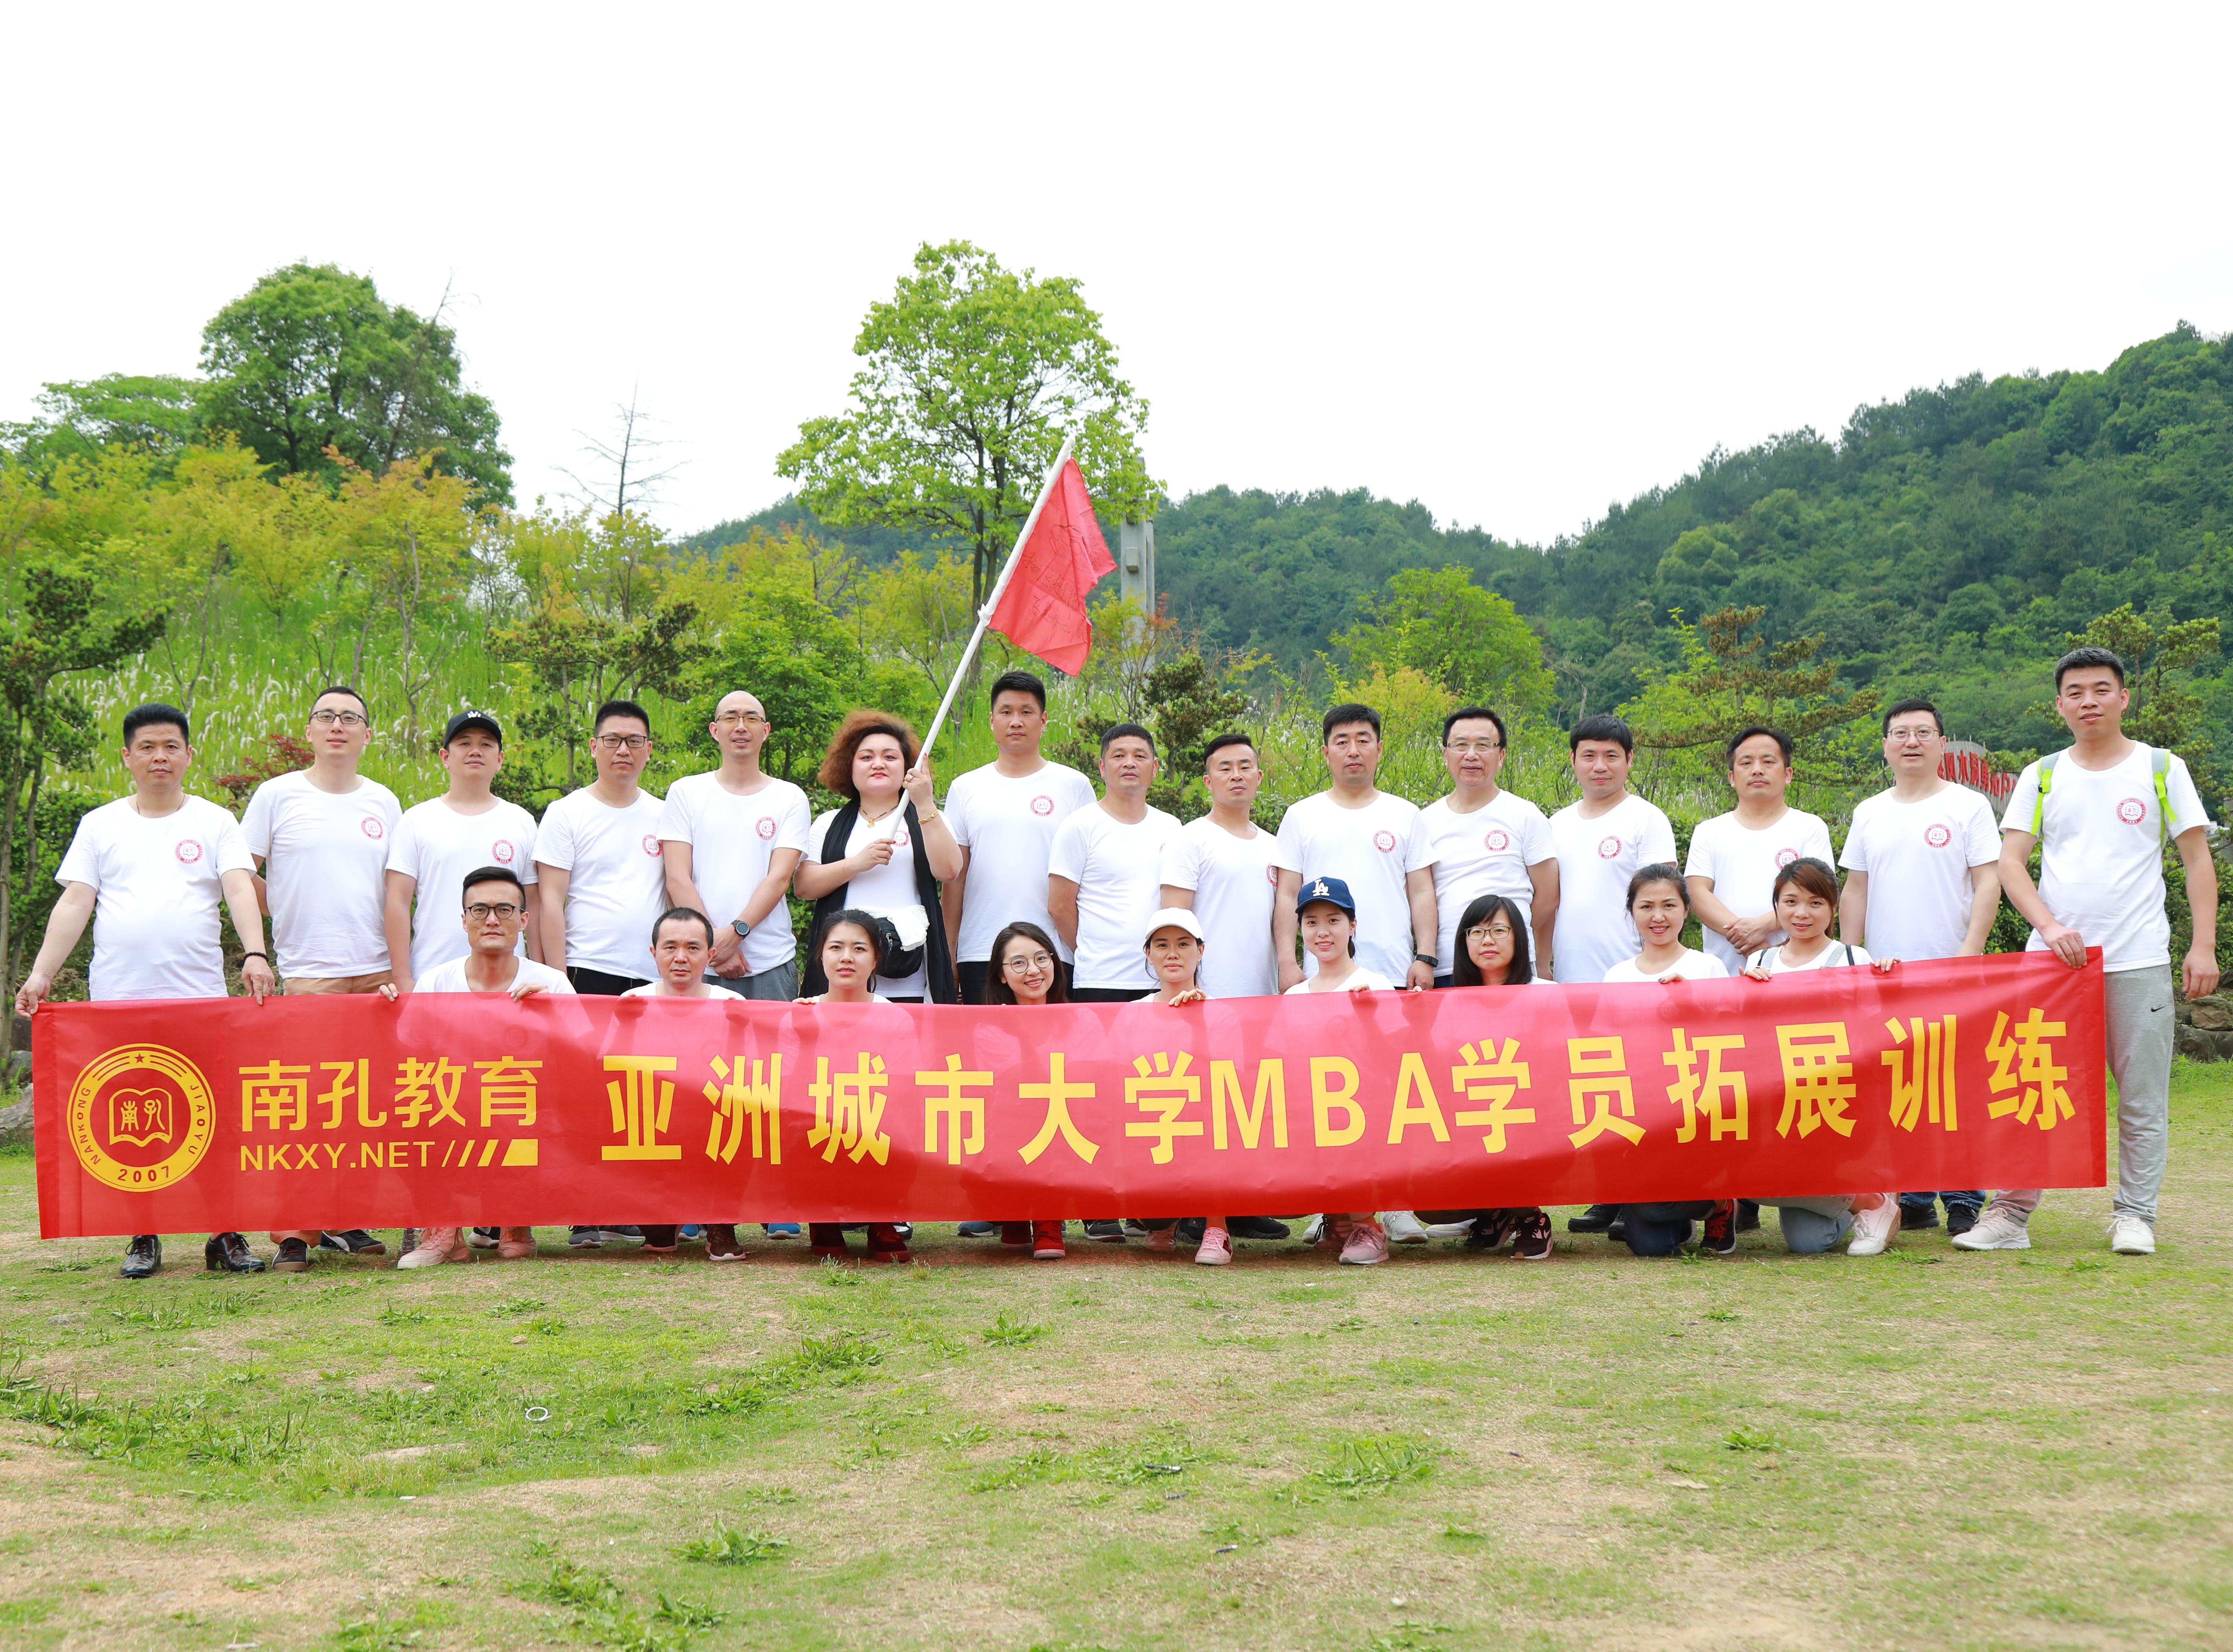 南孔教育|亚洲城市大学MBA学员拓展训练